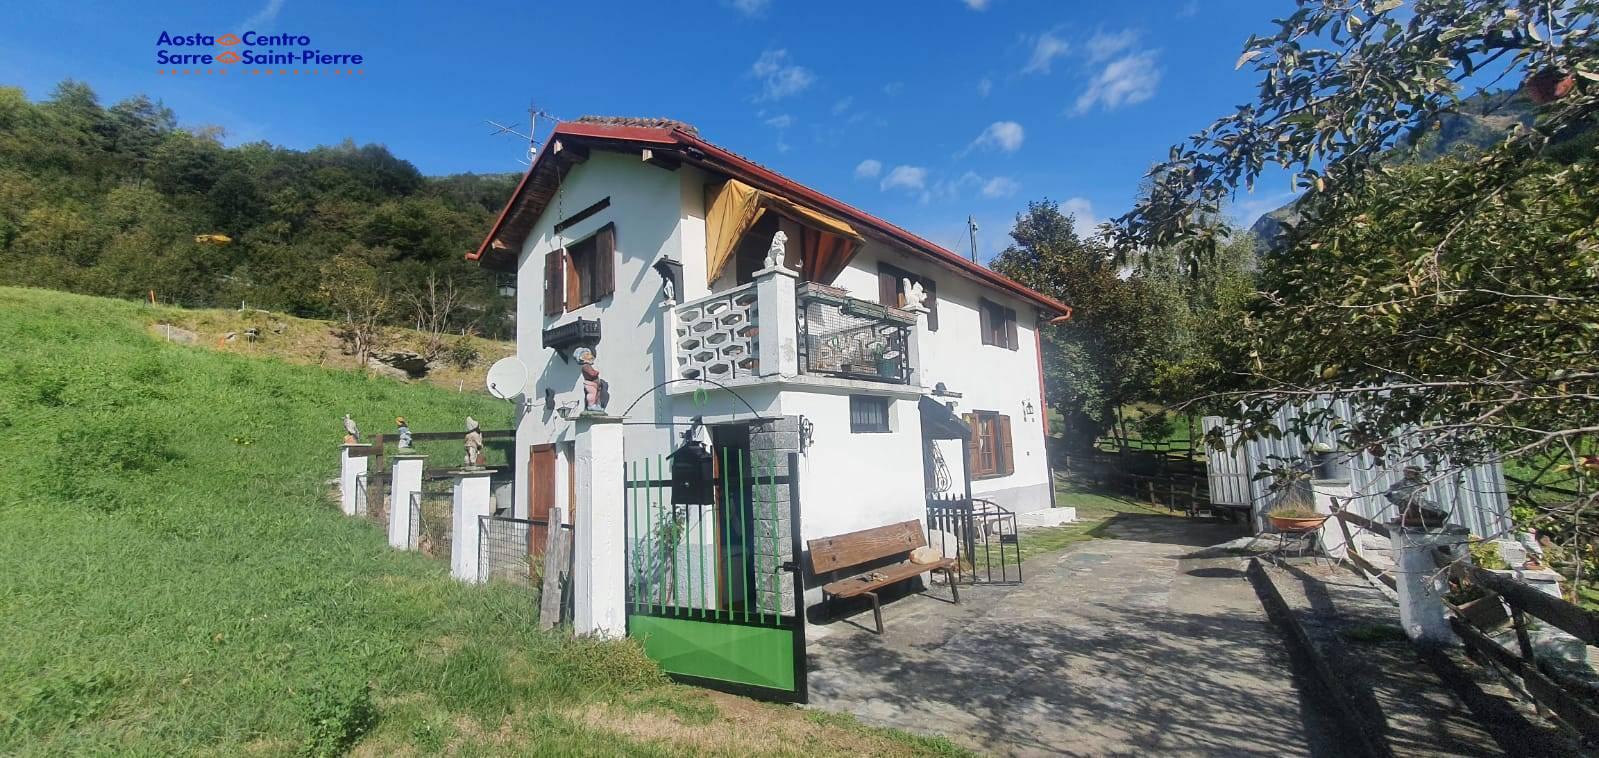 Soluzione Indipendente in vendita a Challand-Saint-Anselme, 3 locali, prezzo € 98.000 | PortaleAgenzieImmobiliari.it